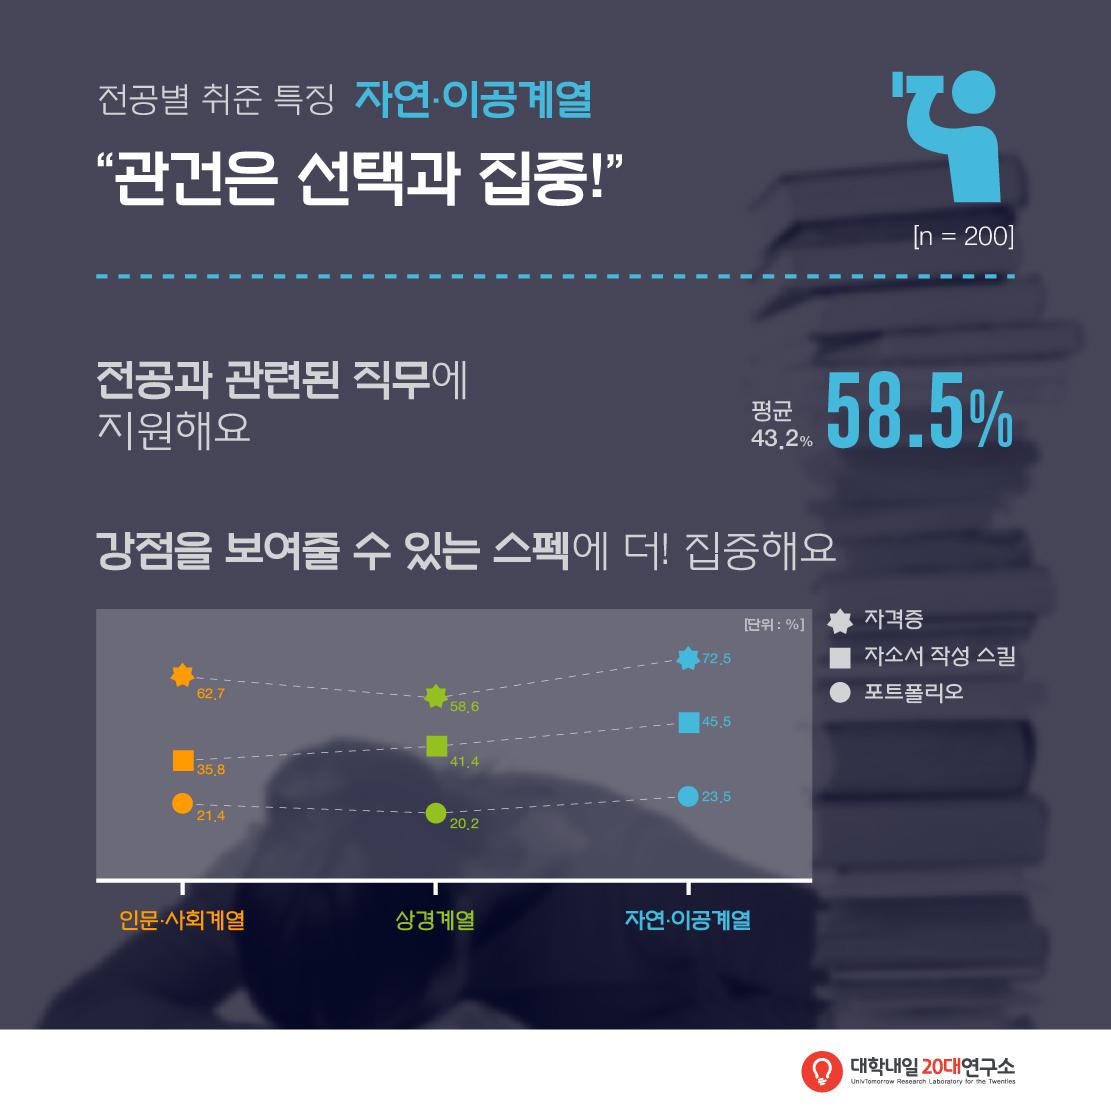 청춘백서_페북용-09